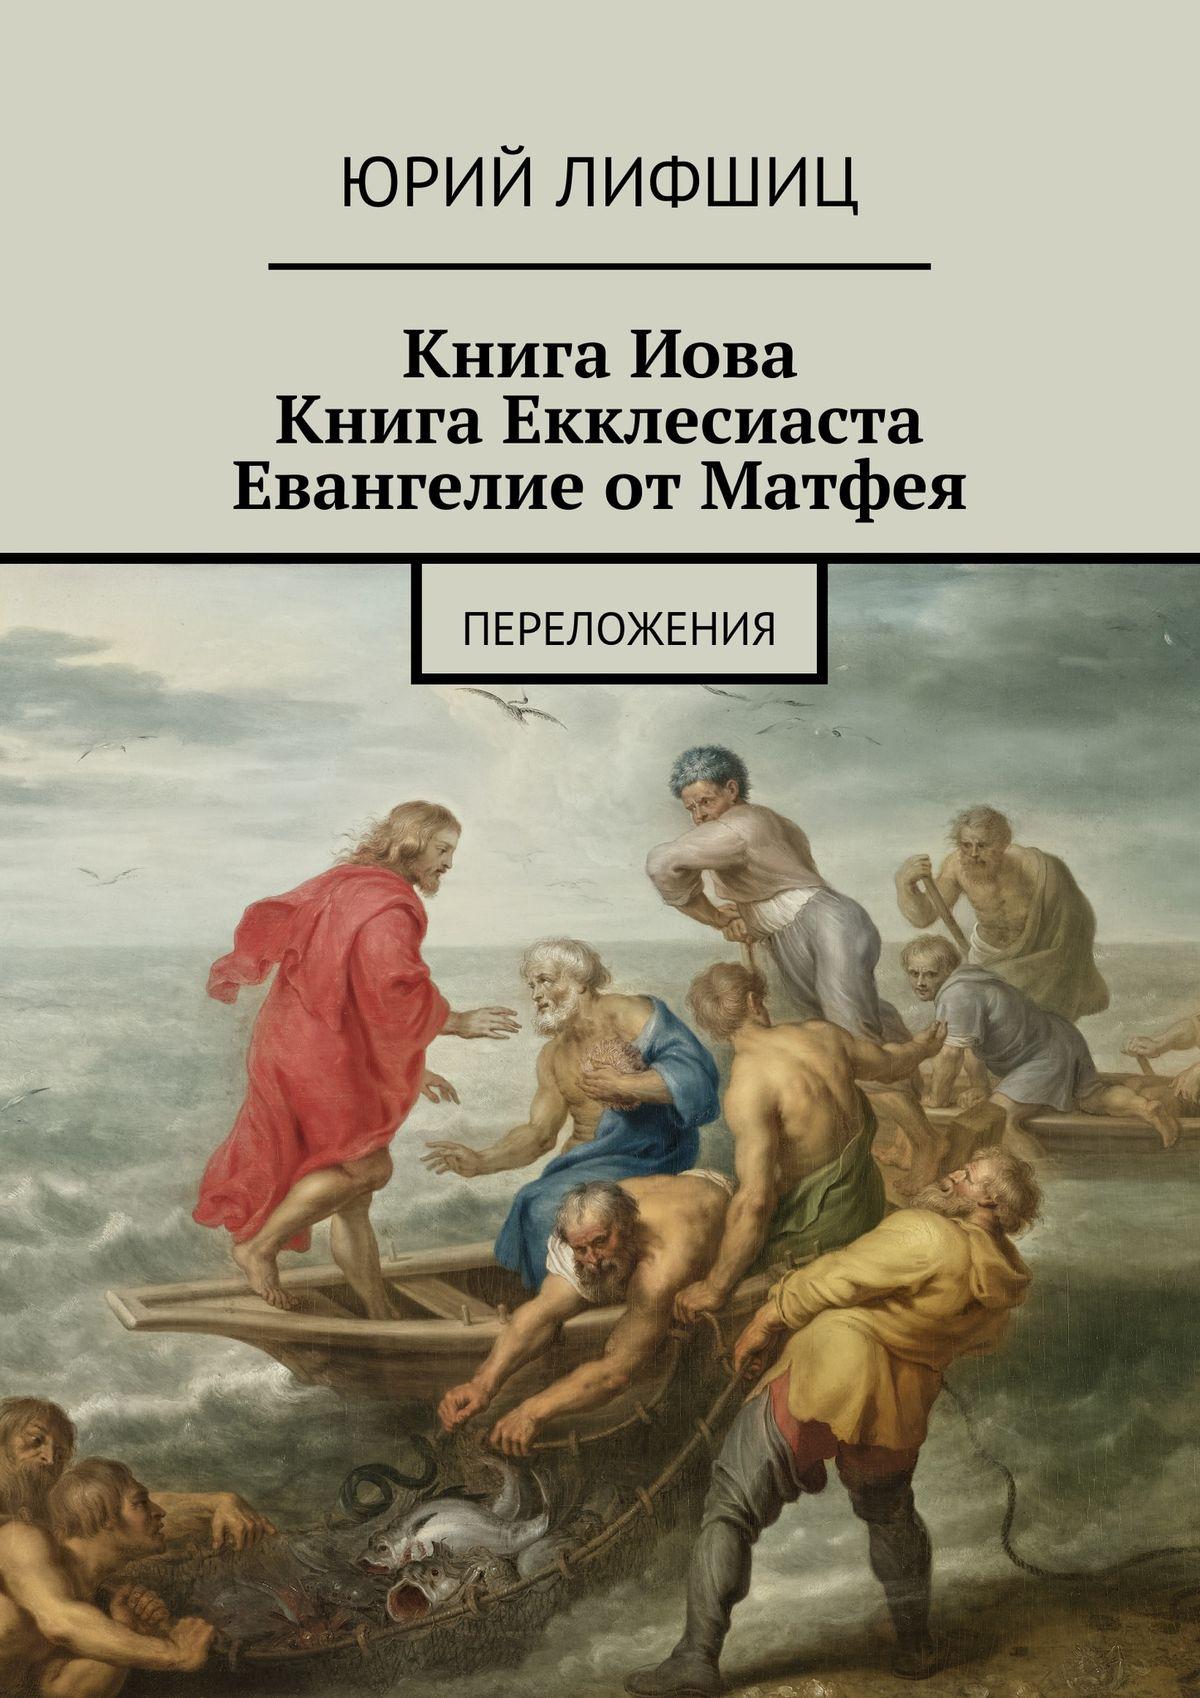 Юрий Лифшиц Книга Иова Книга Екклесиаста Евангелие от Матфея. Переложения отсутствует библия новый завет евангелие от матфея